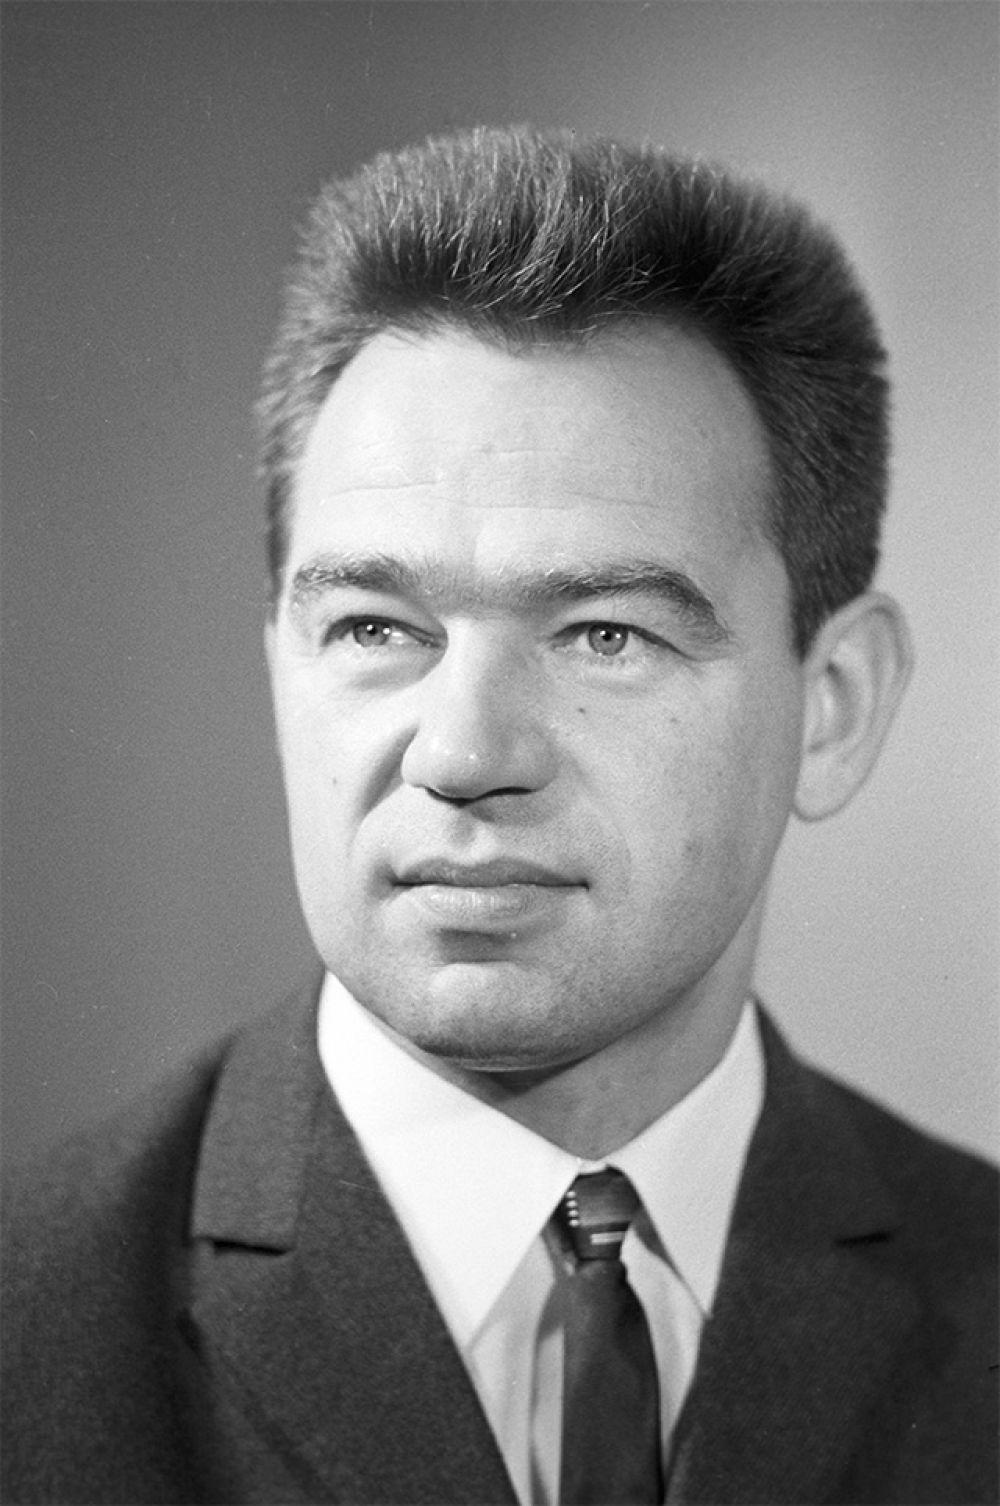 Бортинженер космического корабля «Союз-17» Георгий Михайлович Гречко. 1975 год.